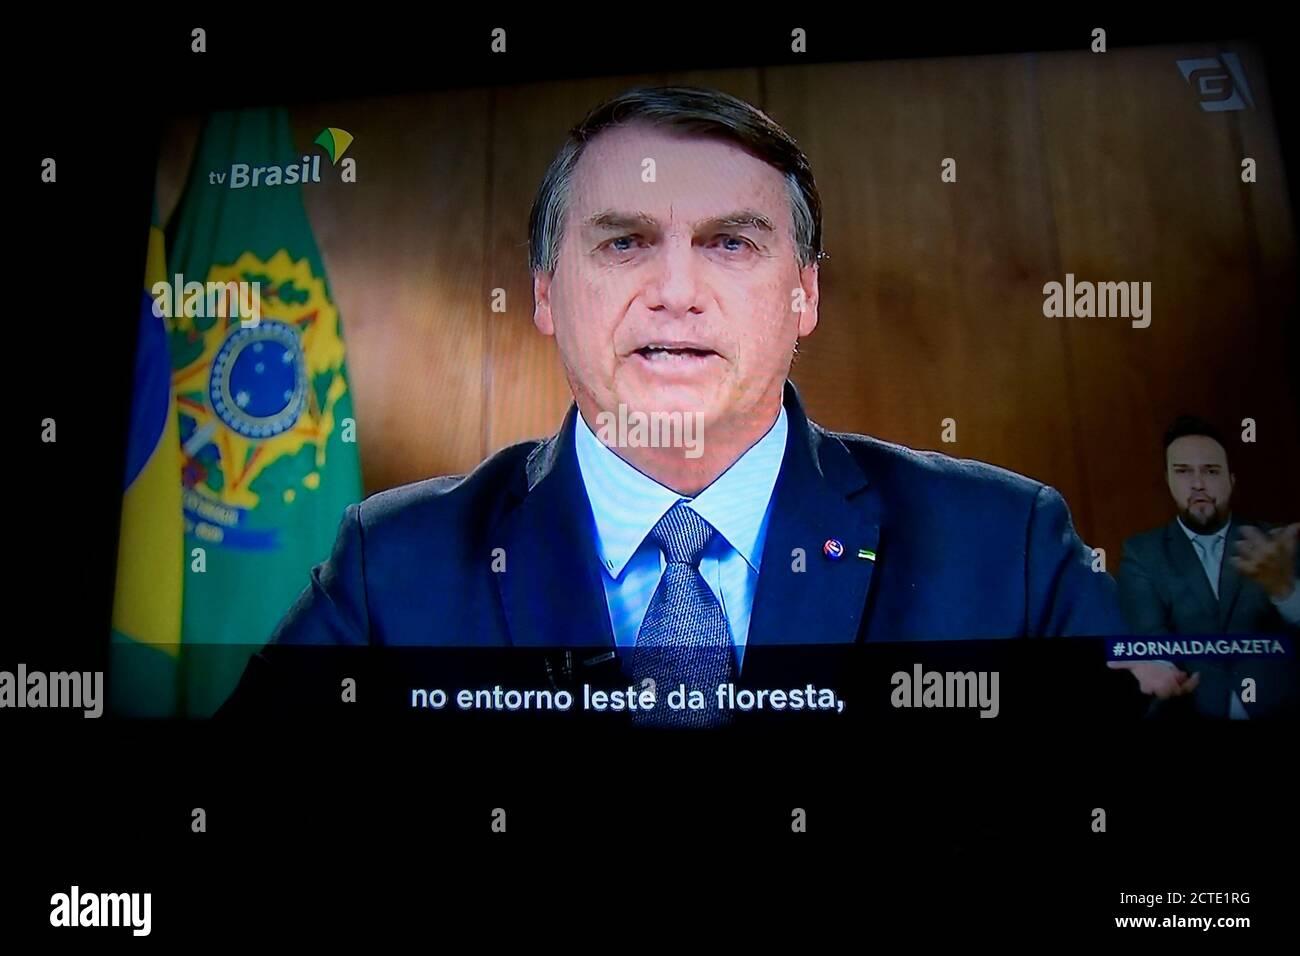 São Paulo (SP), 22/09/2020 -BOLSONARO NA ONU - Jair Bolsonaro, Brasiliens Präsident, spricht während der Generalversammlung der Vereinten Nationen auf einem Laptop-Computer in Hastings auf dem Hudson, New York, USA, am Dienstag, 22. September. 2020. Es gibt eine Desinformationskampagne über den Amazonaswald und den Pantanal, um Brasiliens Image als weltgrößter Nahrungsmittelproduzent zu schädigen, sagte Präsident Bolsonaro. (Foto: Szucinski/Alamy Live News) Stockfoto